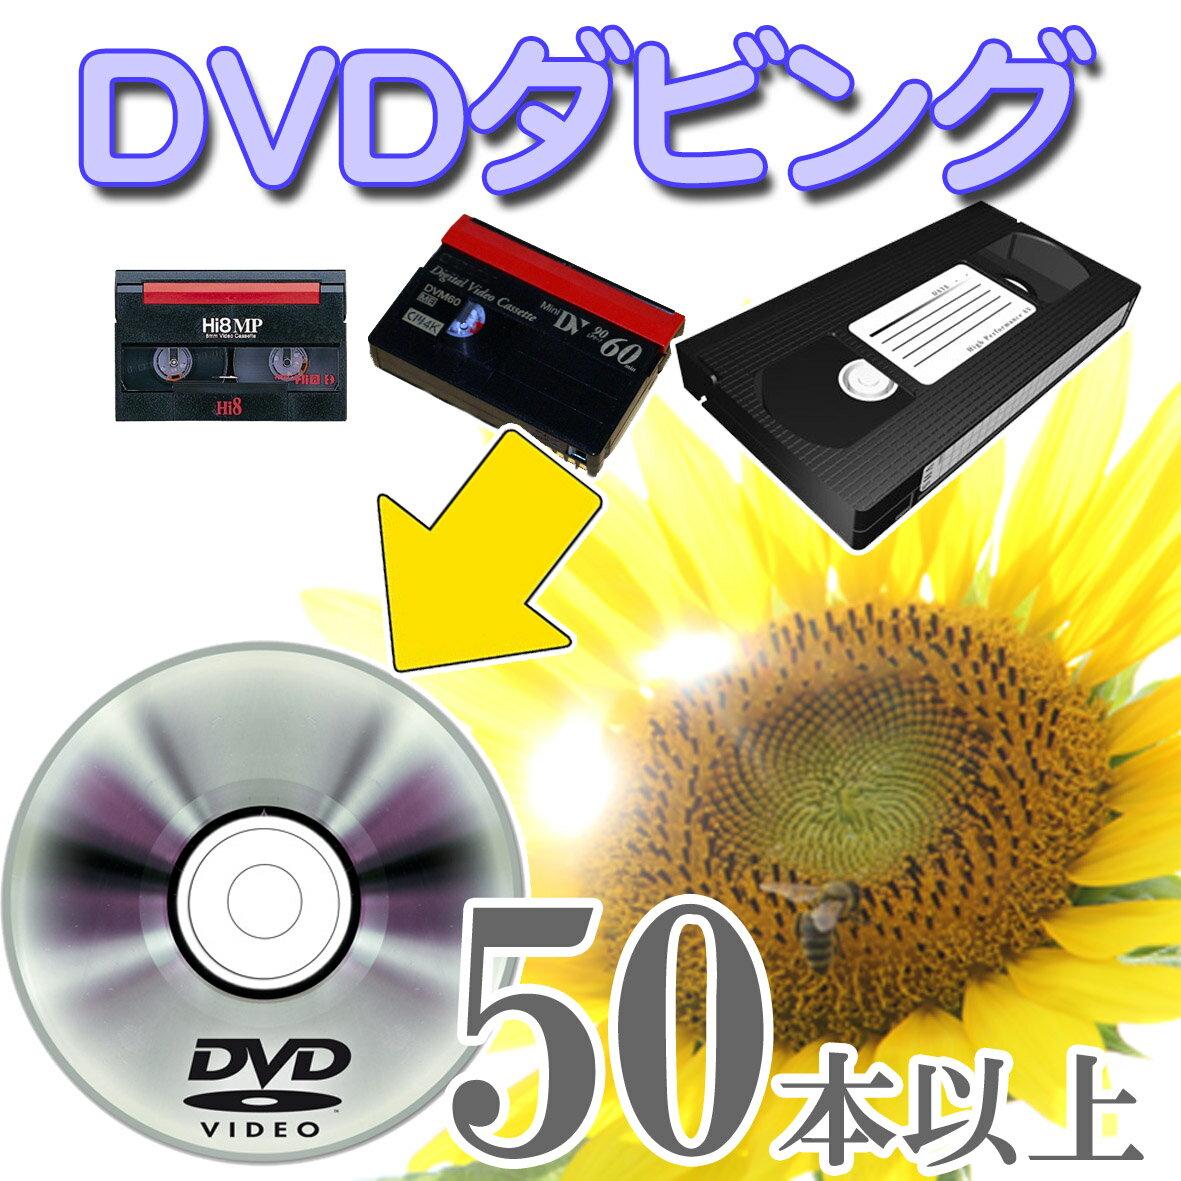 50本以上ご注文の方はこちら DVD ダビング ( dvd ダビング ダビングサービス )【 ビデオ ダビング 】 思い出を形に 【VHS】【Hi8】【MiniDV】DVDダビング/コピー